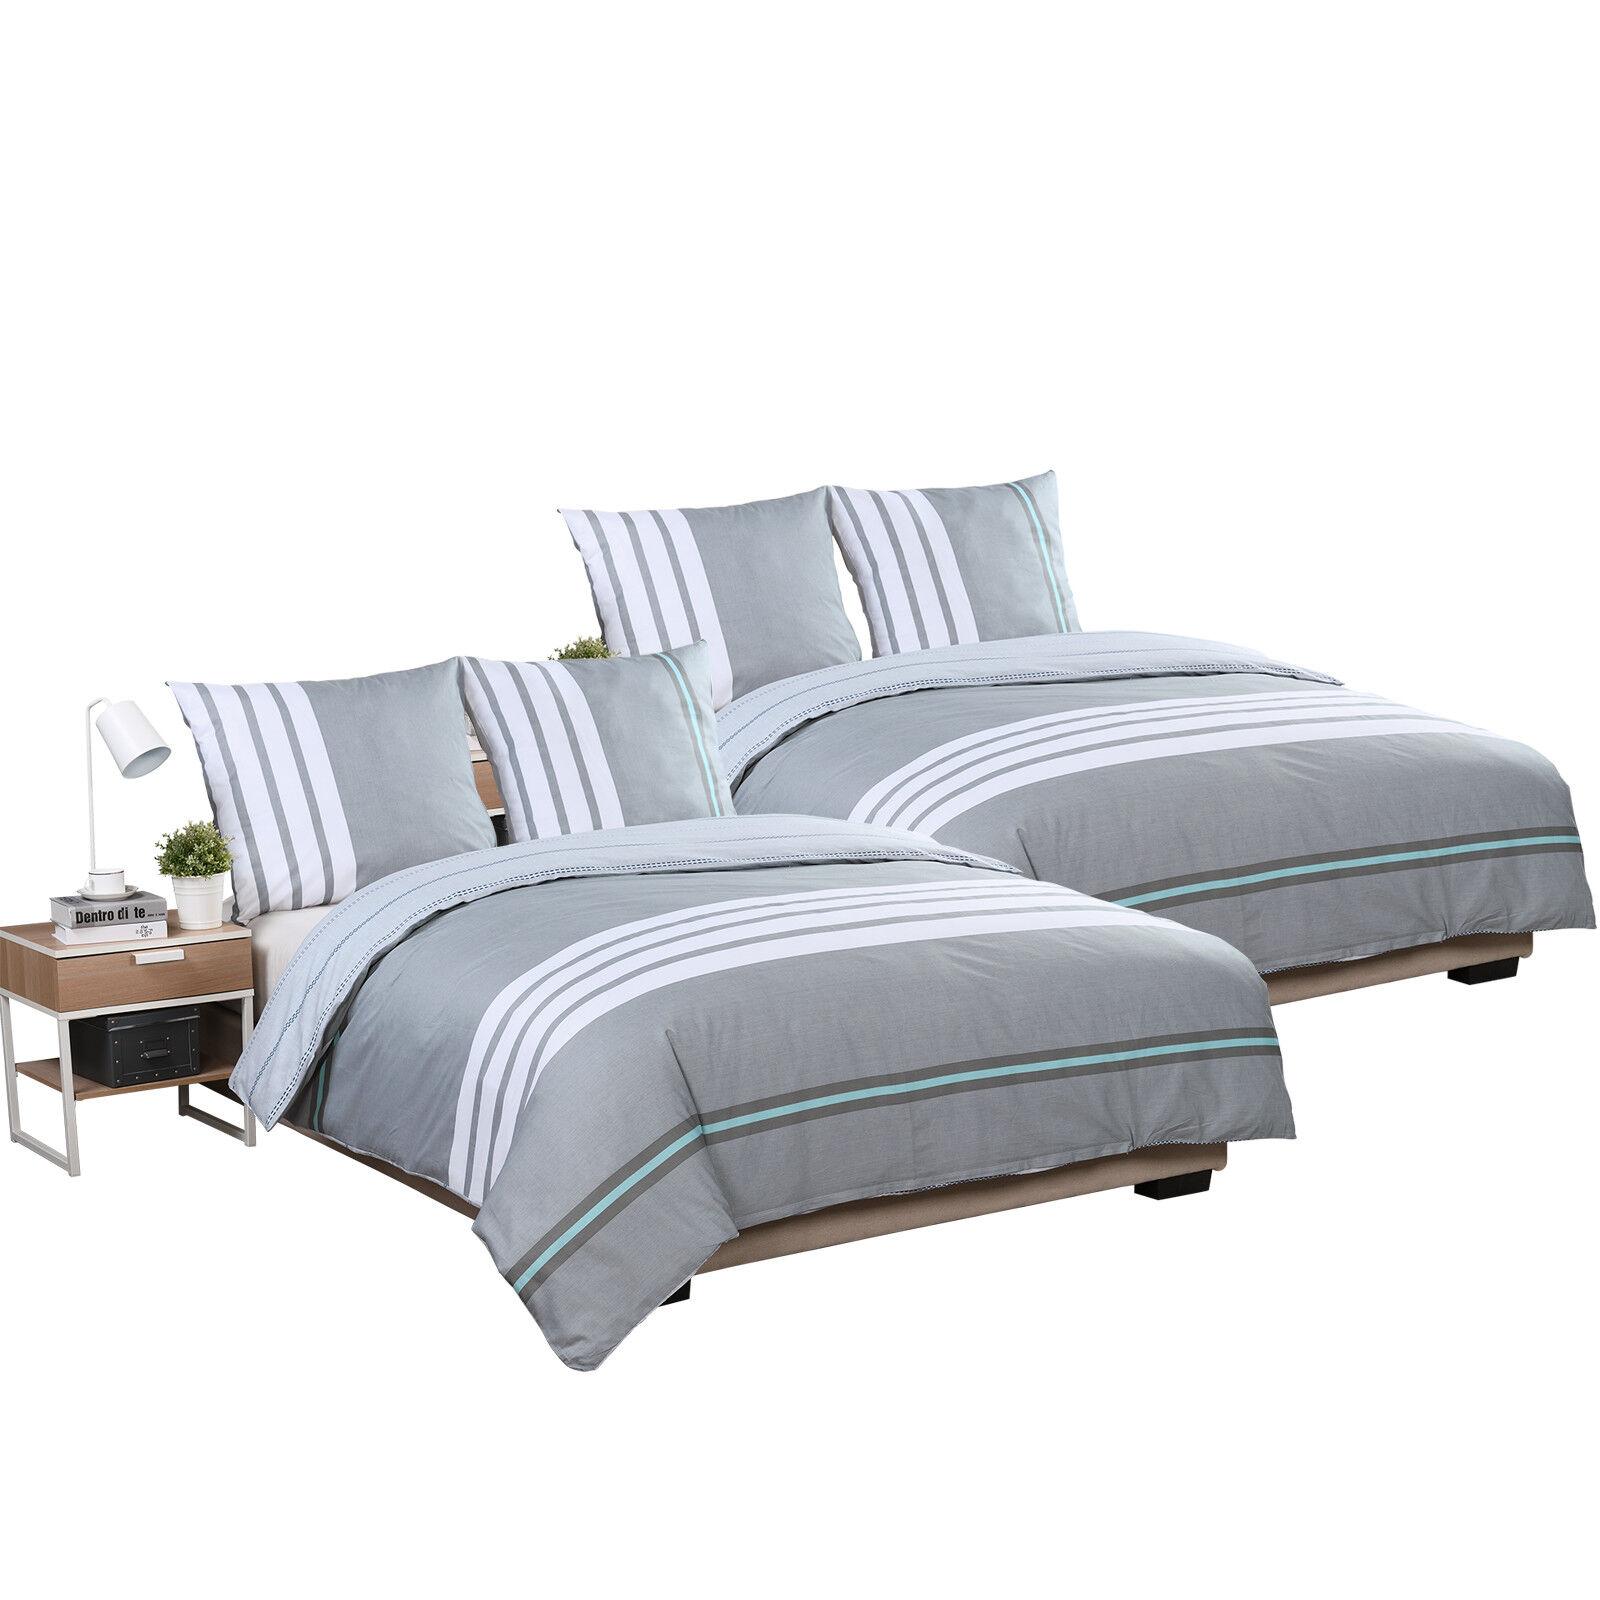 Bettwäsche Bettgarnitur Bettbezug Satin Baumwolle 200x200 cm 4teilig BWS01m03-2     Einfach zu bedienen